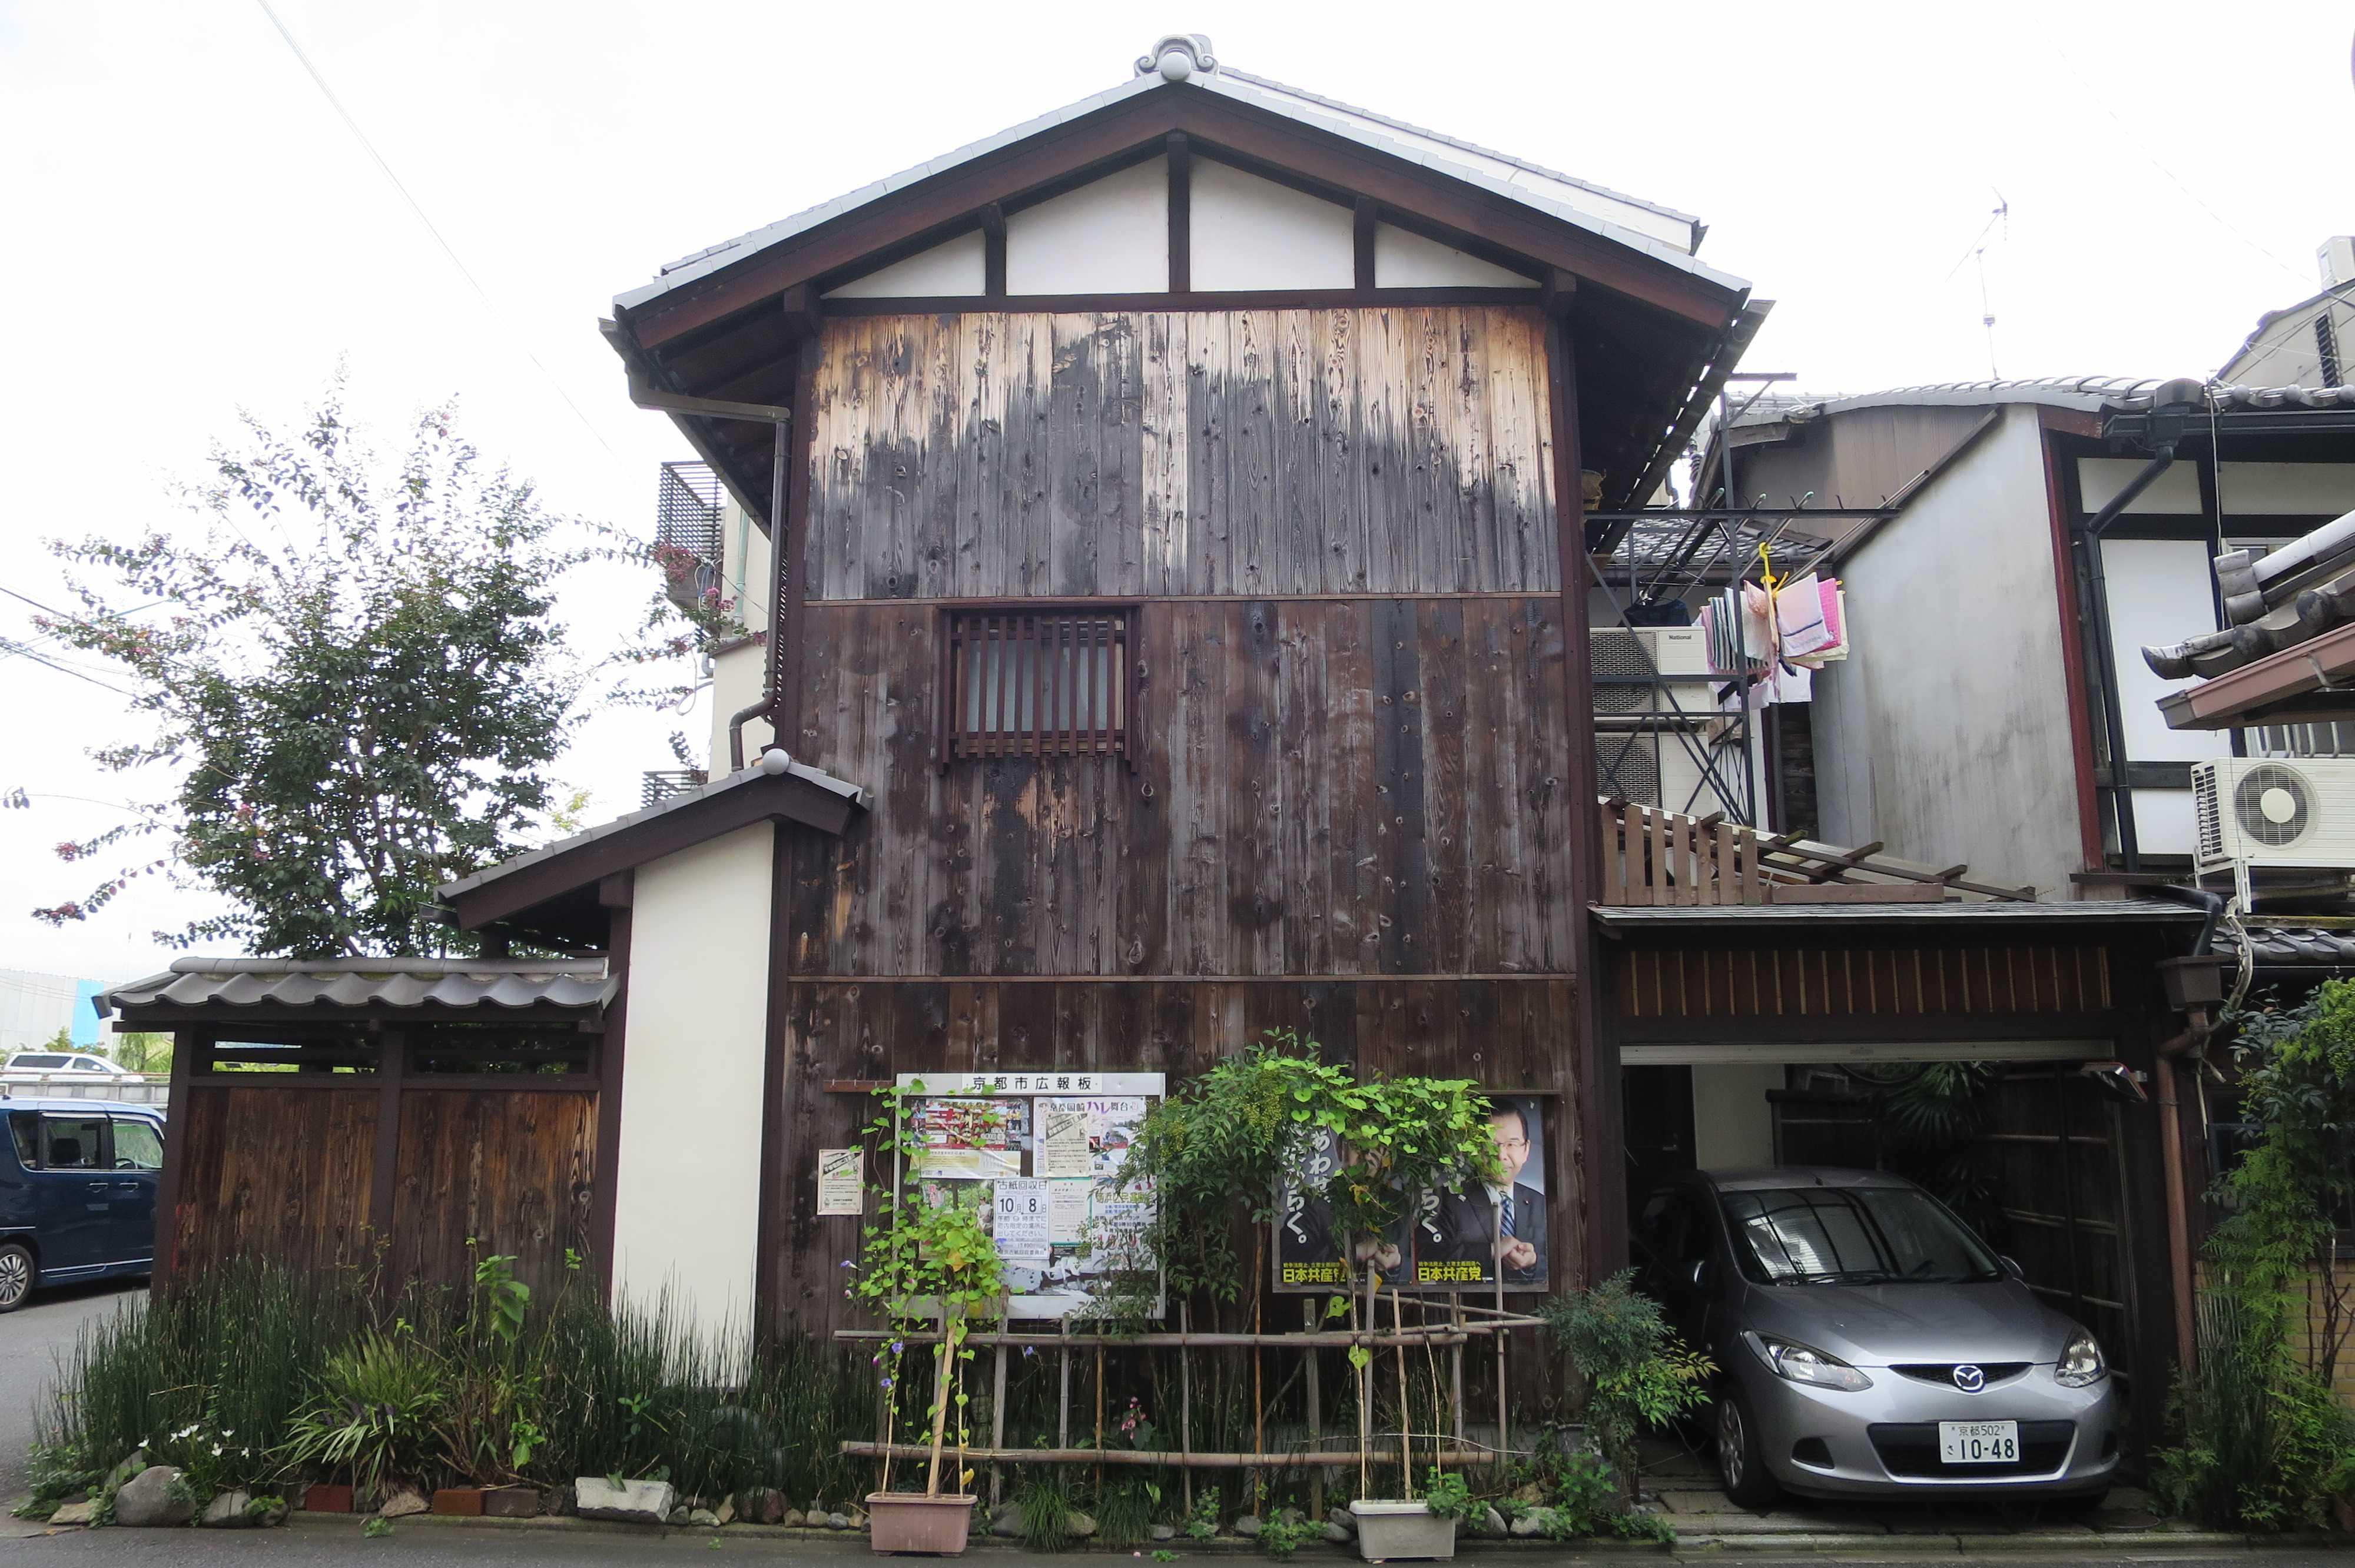 京都・五条楽園 - 古い民家